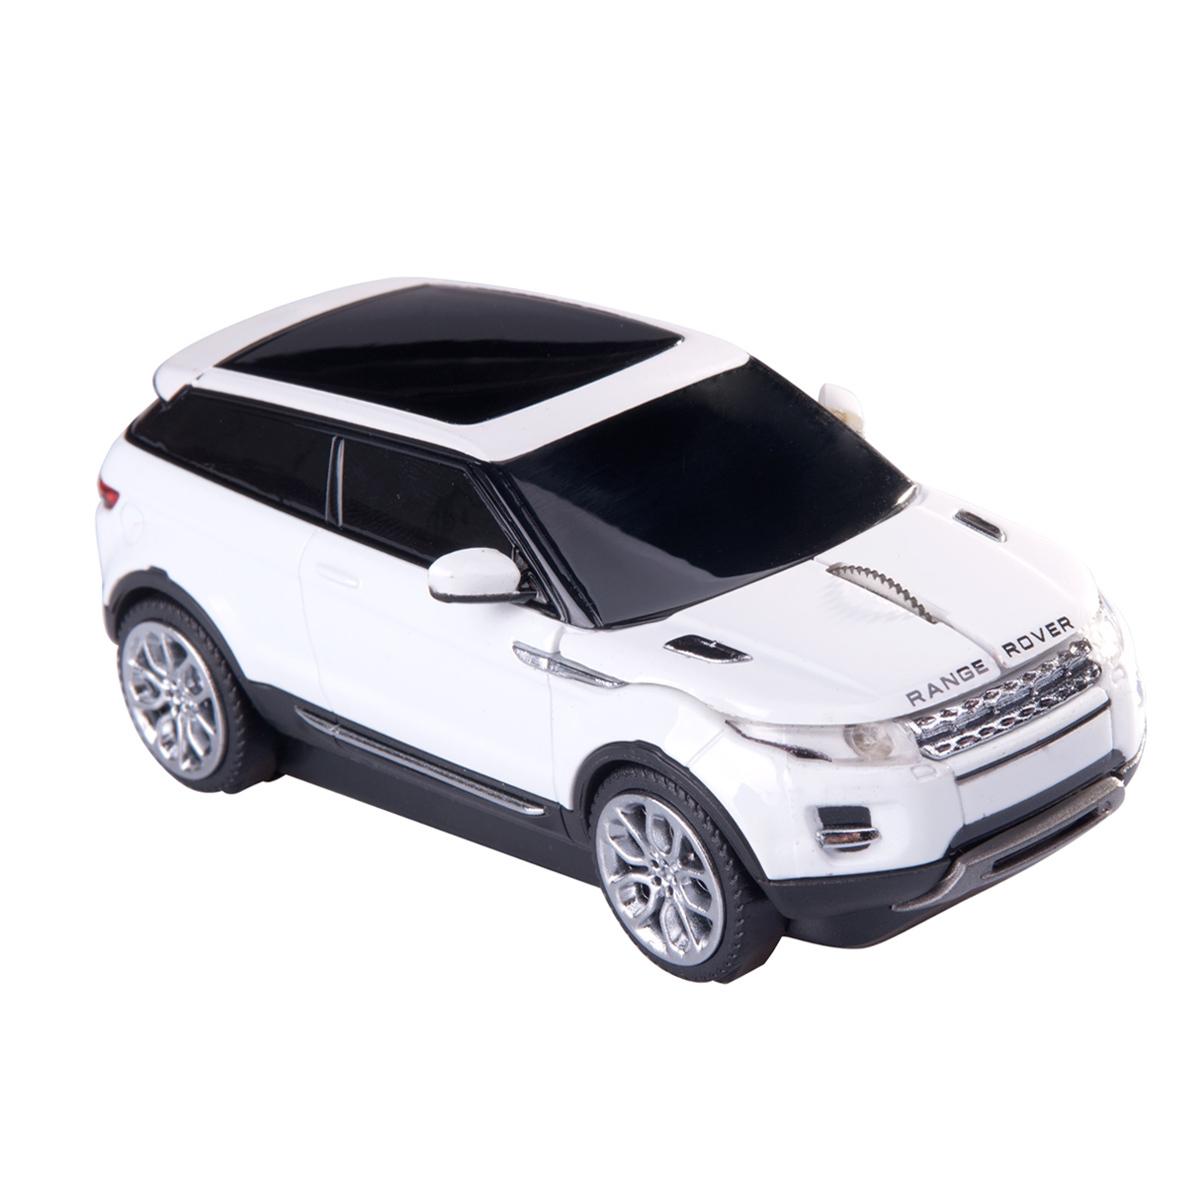 Модель машины Click Car Mouse